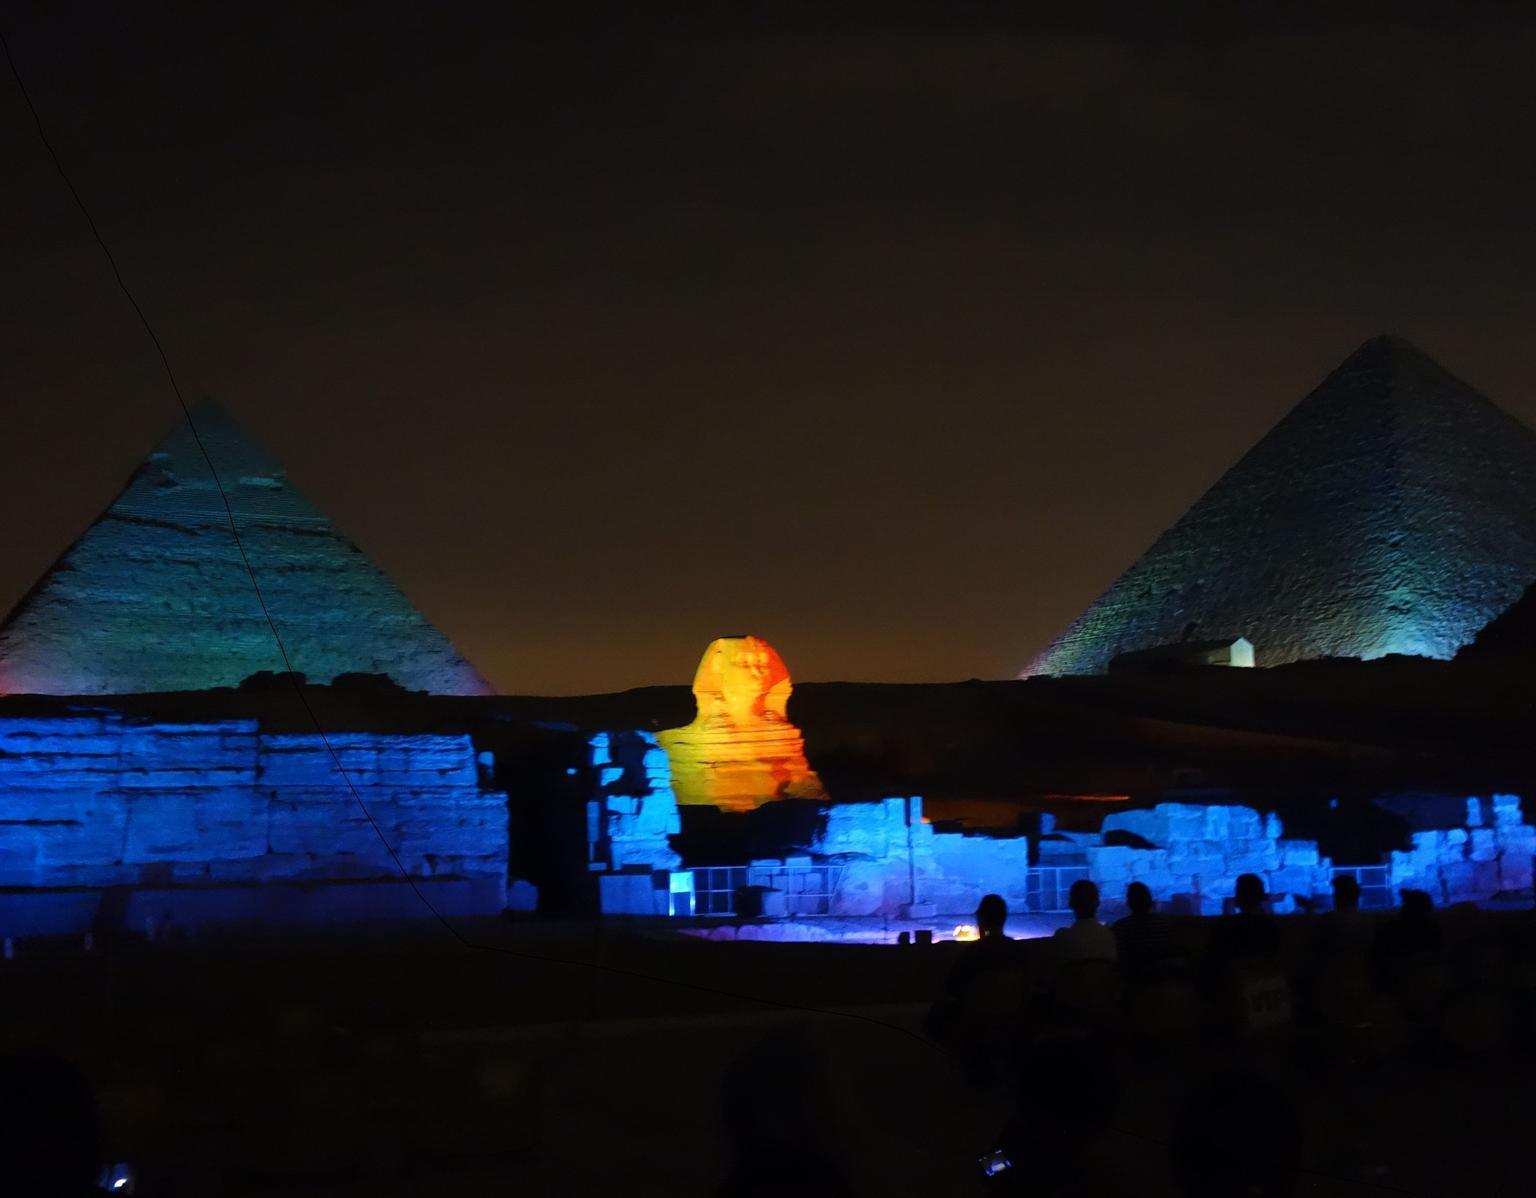 MÁS FOTOS, Excursión por el Egipto clásico y crucero por el Nilo con 7 noches de alojamiento